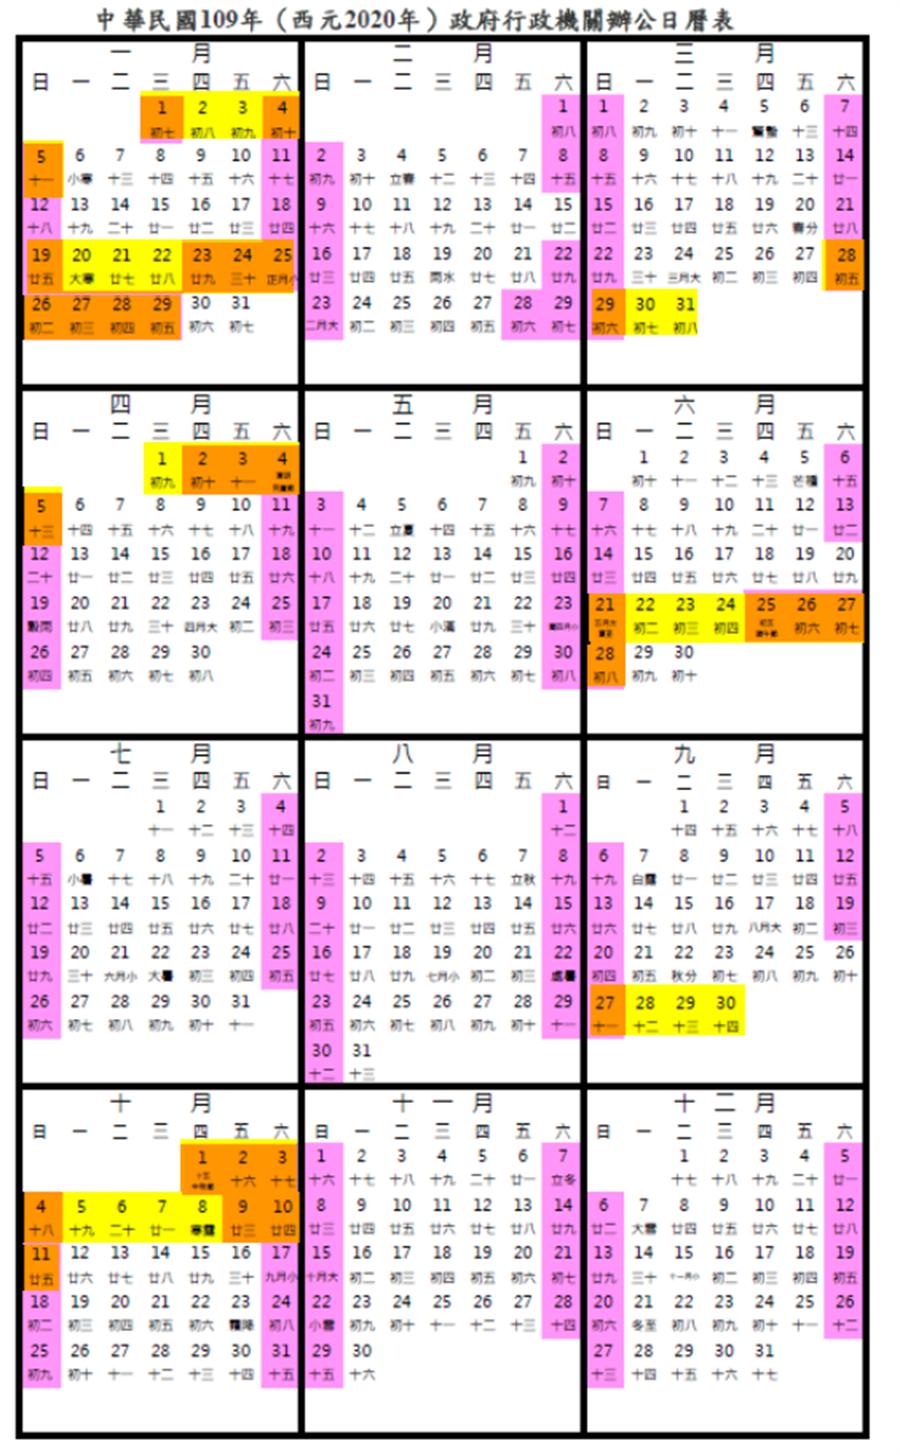 行事曆中,黃色為請假日;橘色+黃色為連休。(圖/翻攝自行政院官網)